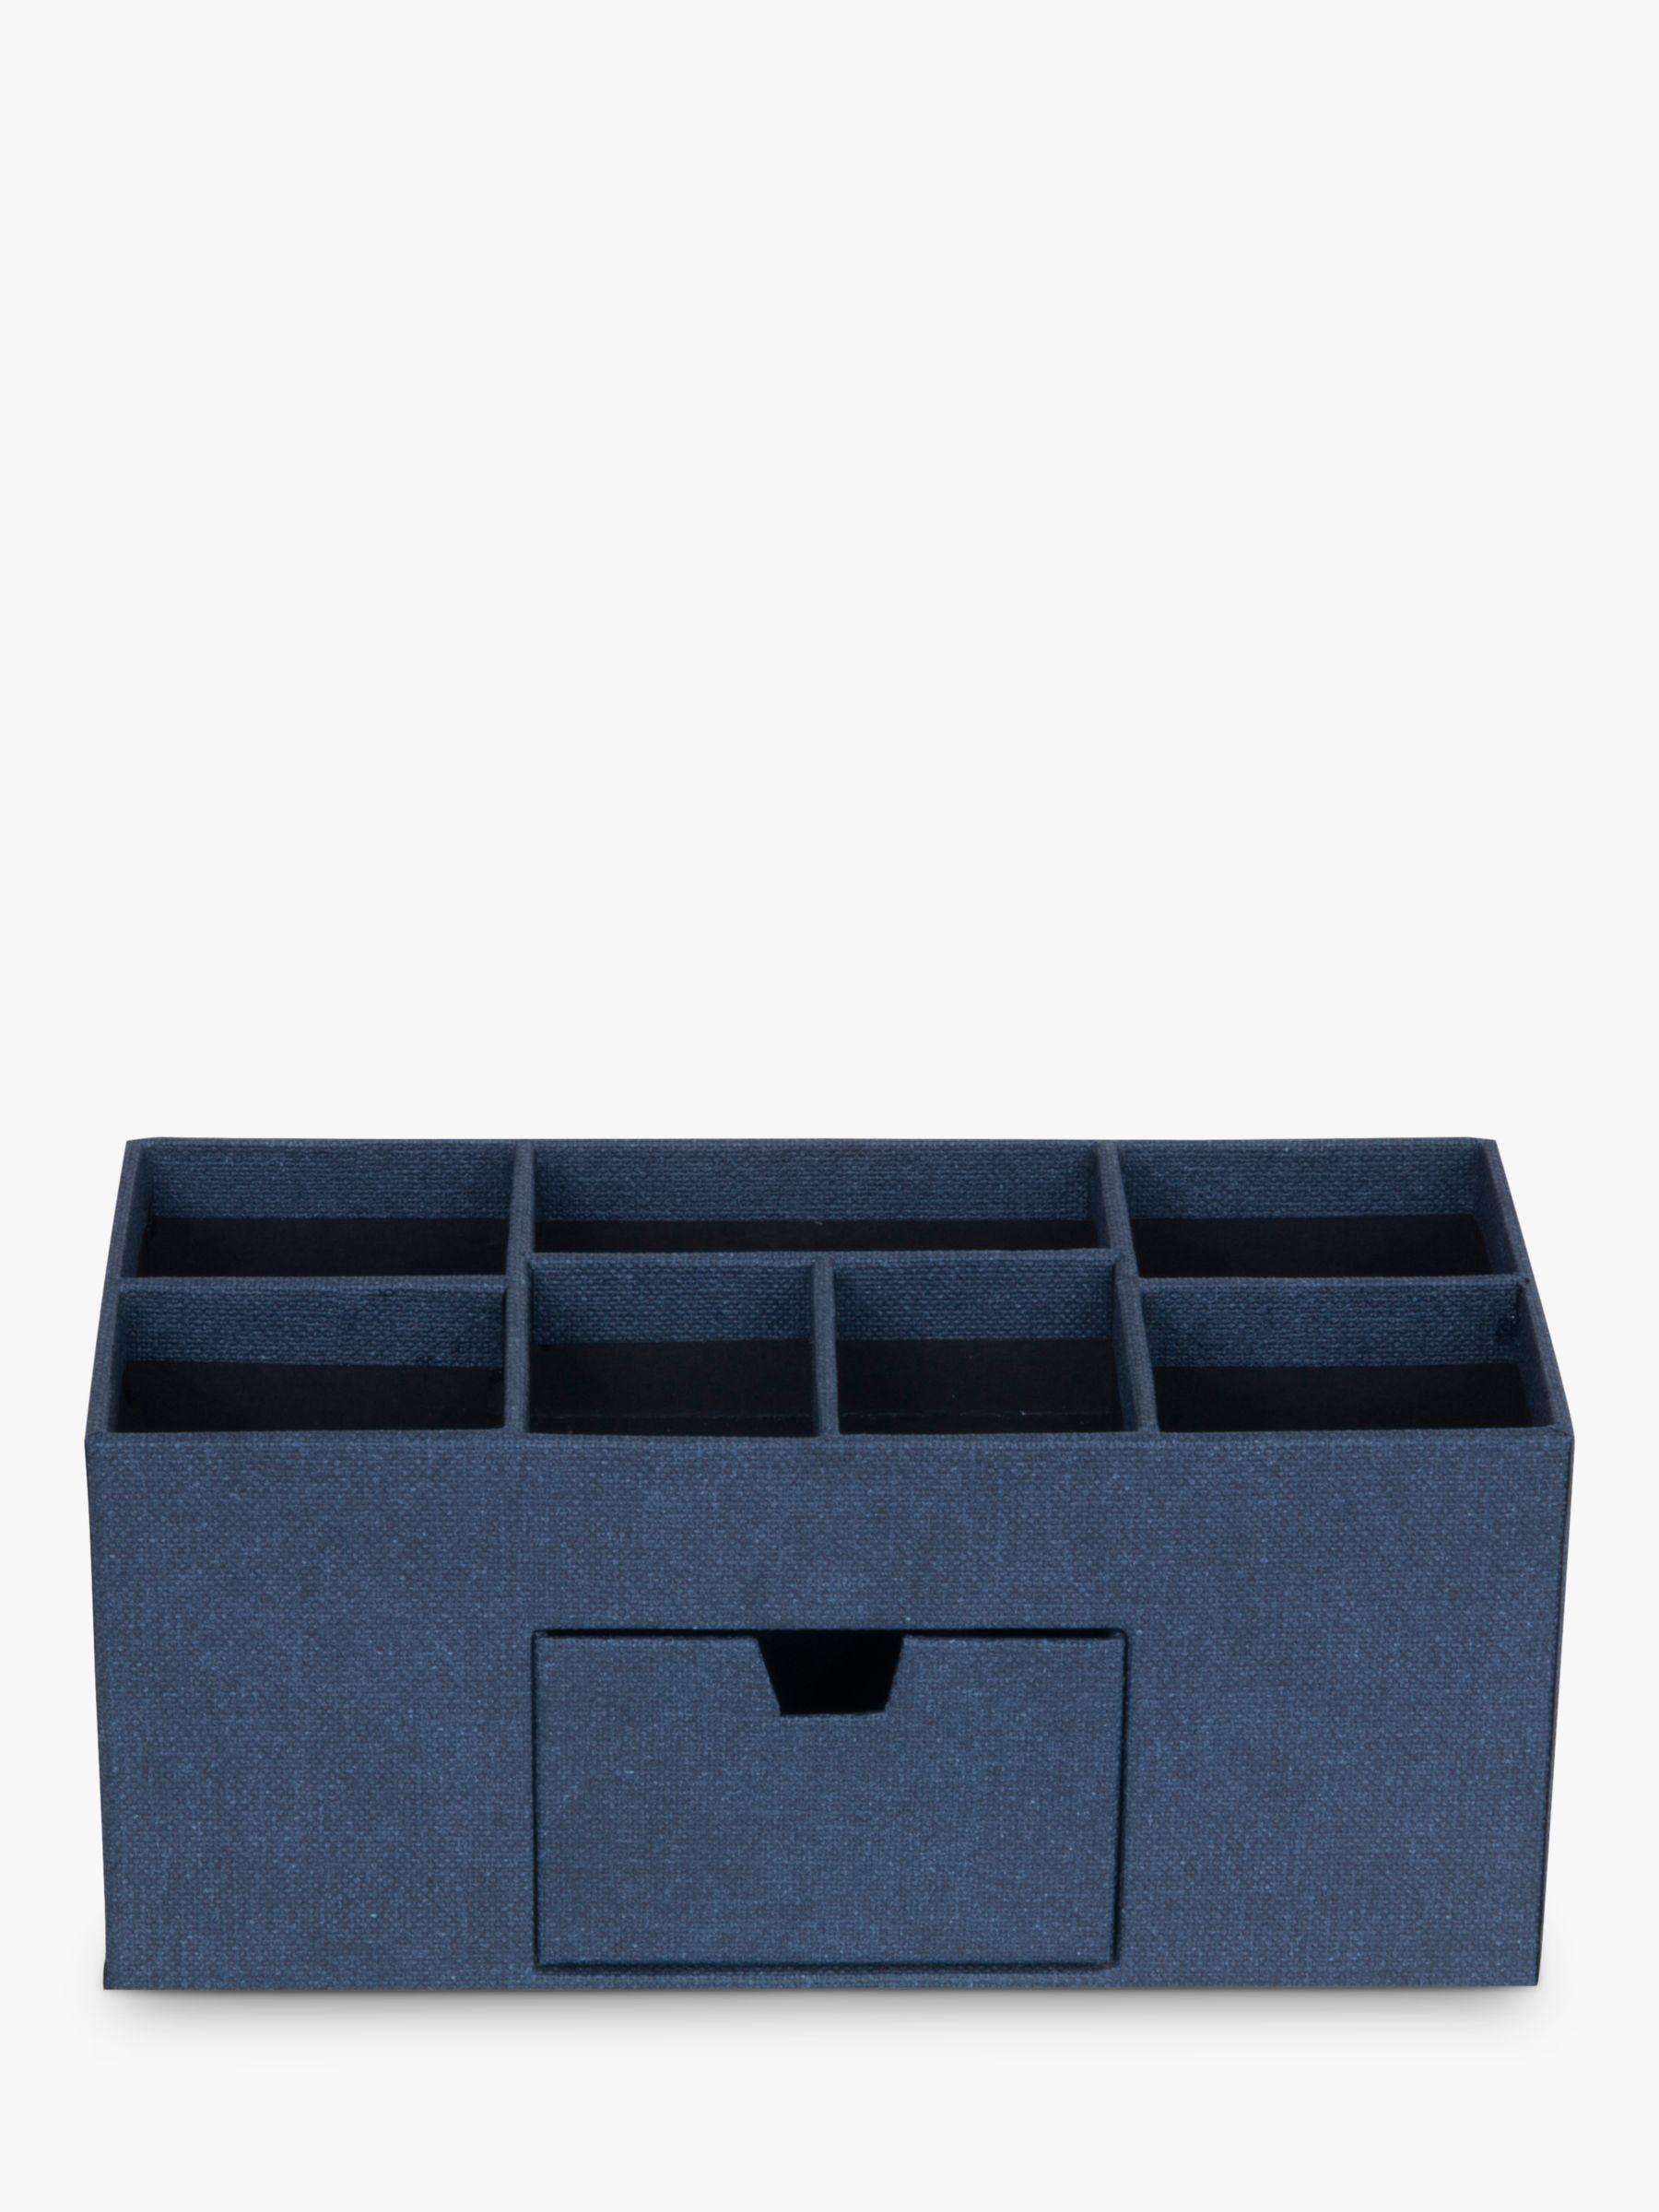 Bigso Box Of Sweden Vendela Desk Organiser